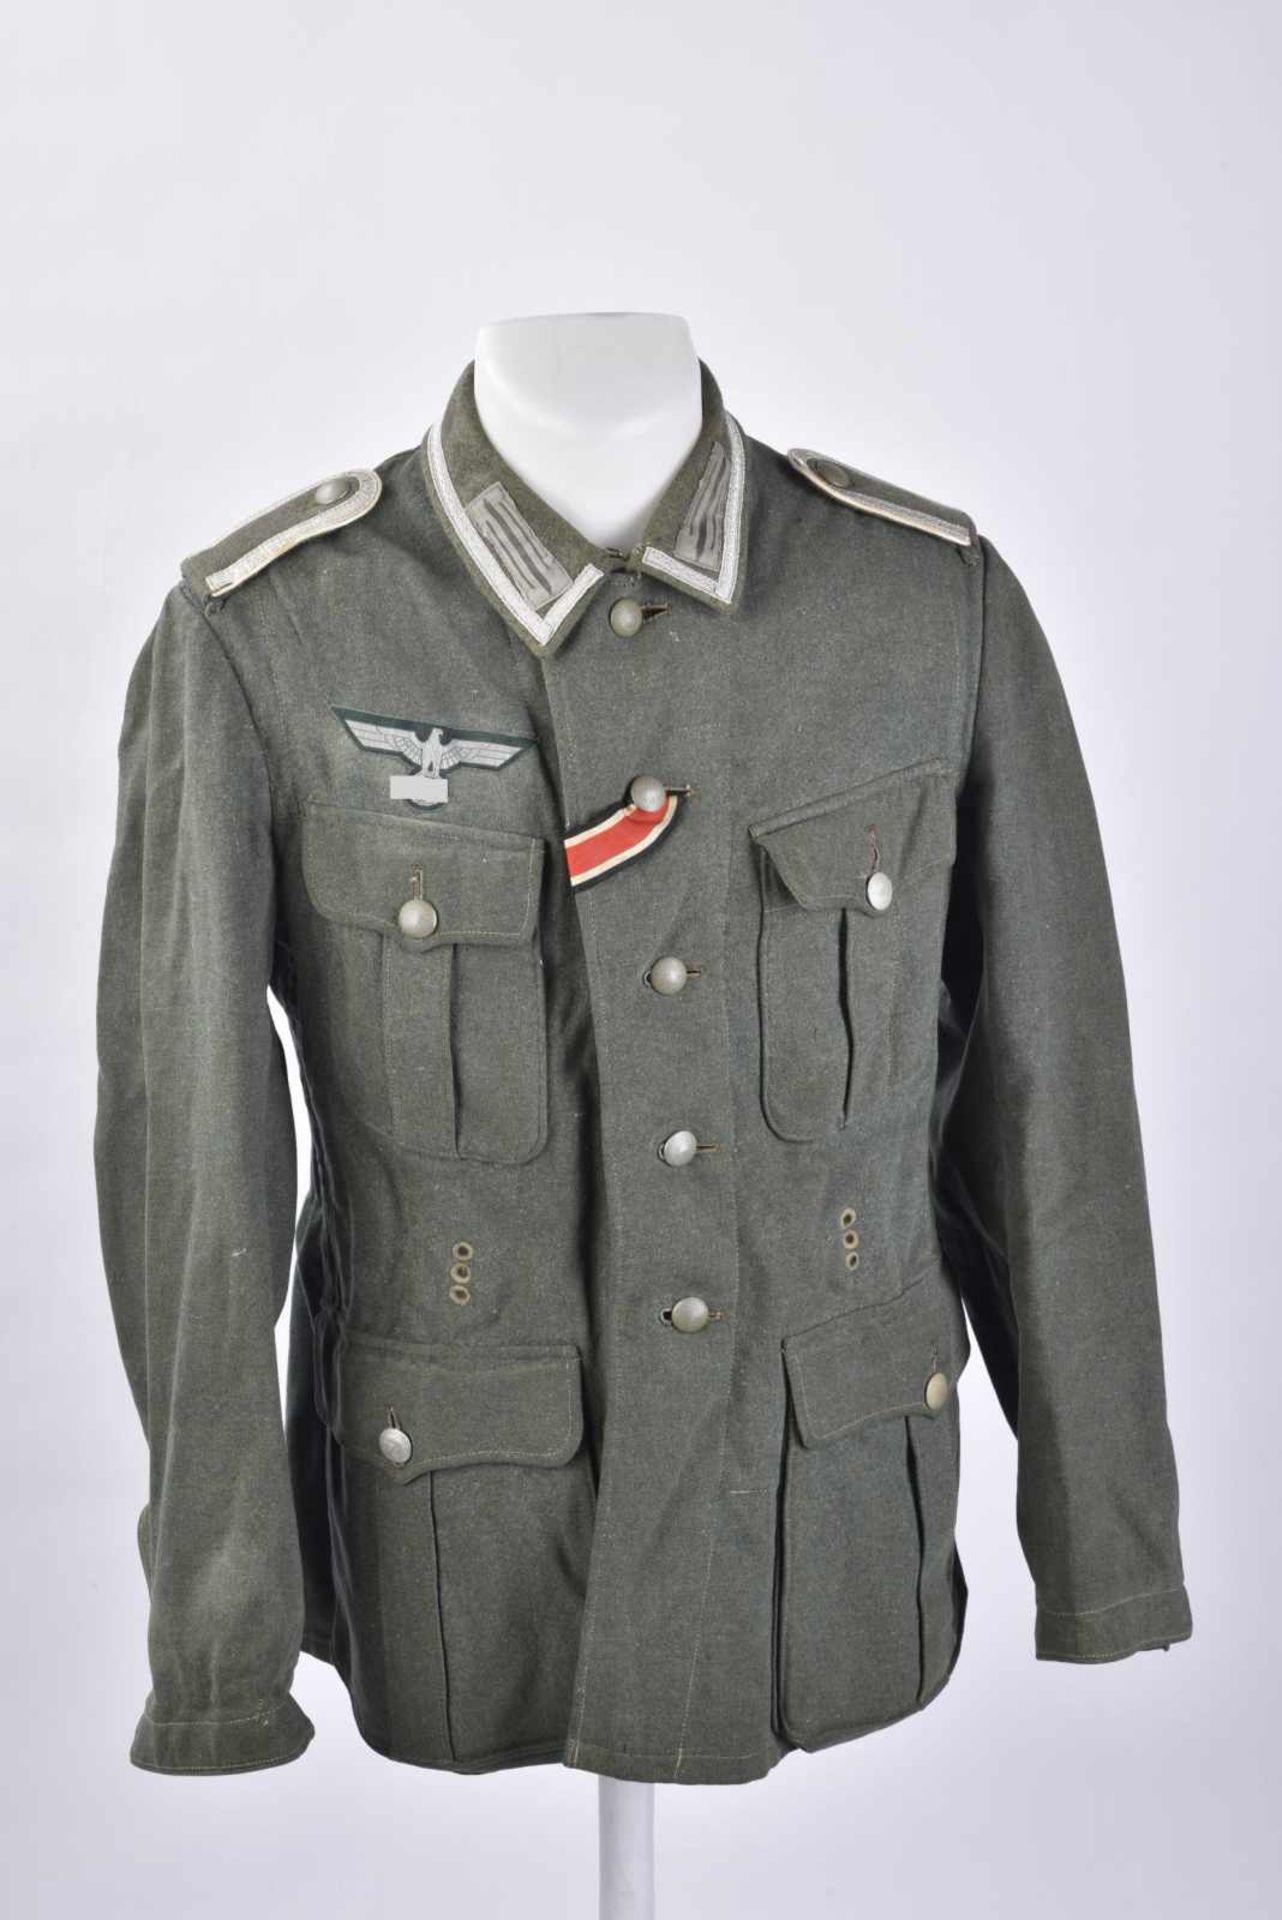 Vareuse d'Unteroffizier de l'infanterie en drap Feldgrau, intérieur doublé en tissu coton marron,